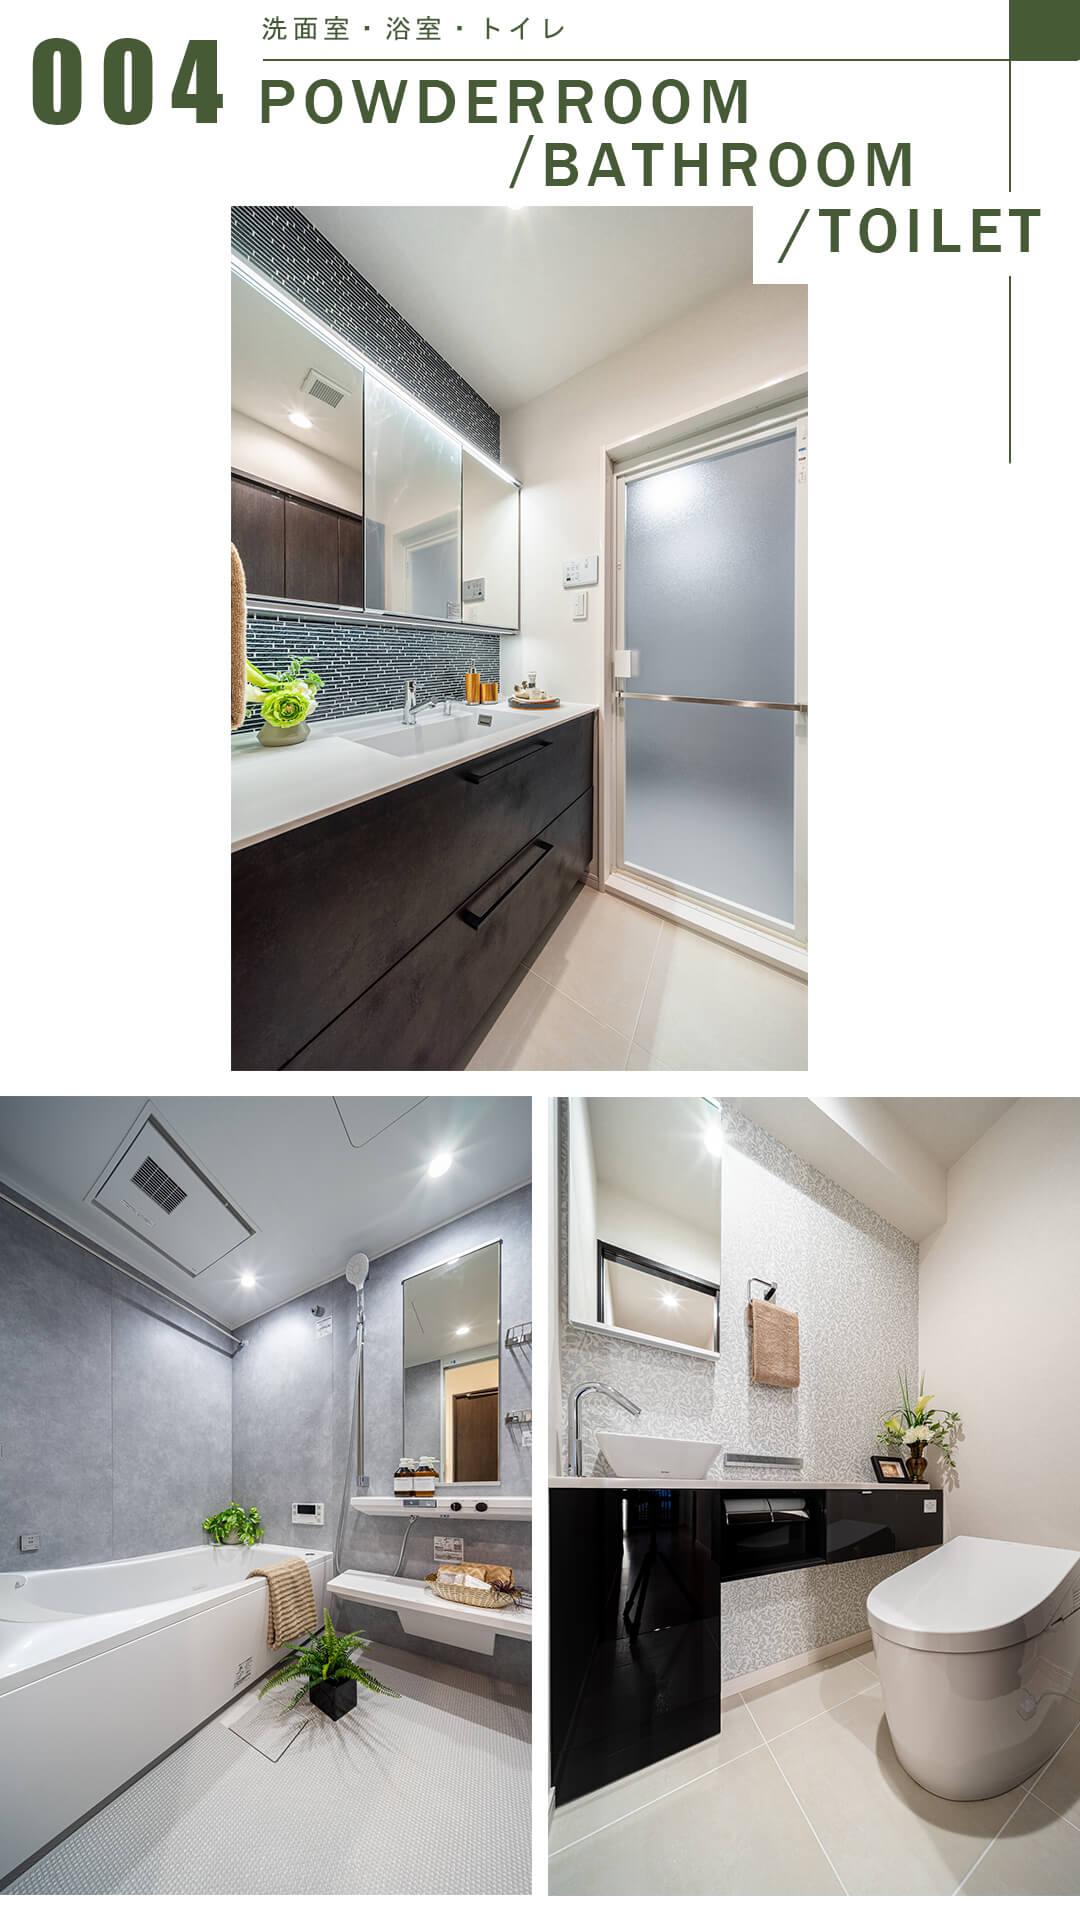 ライオンズマンション平河町の洗面室と浴室とトイレ